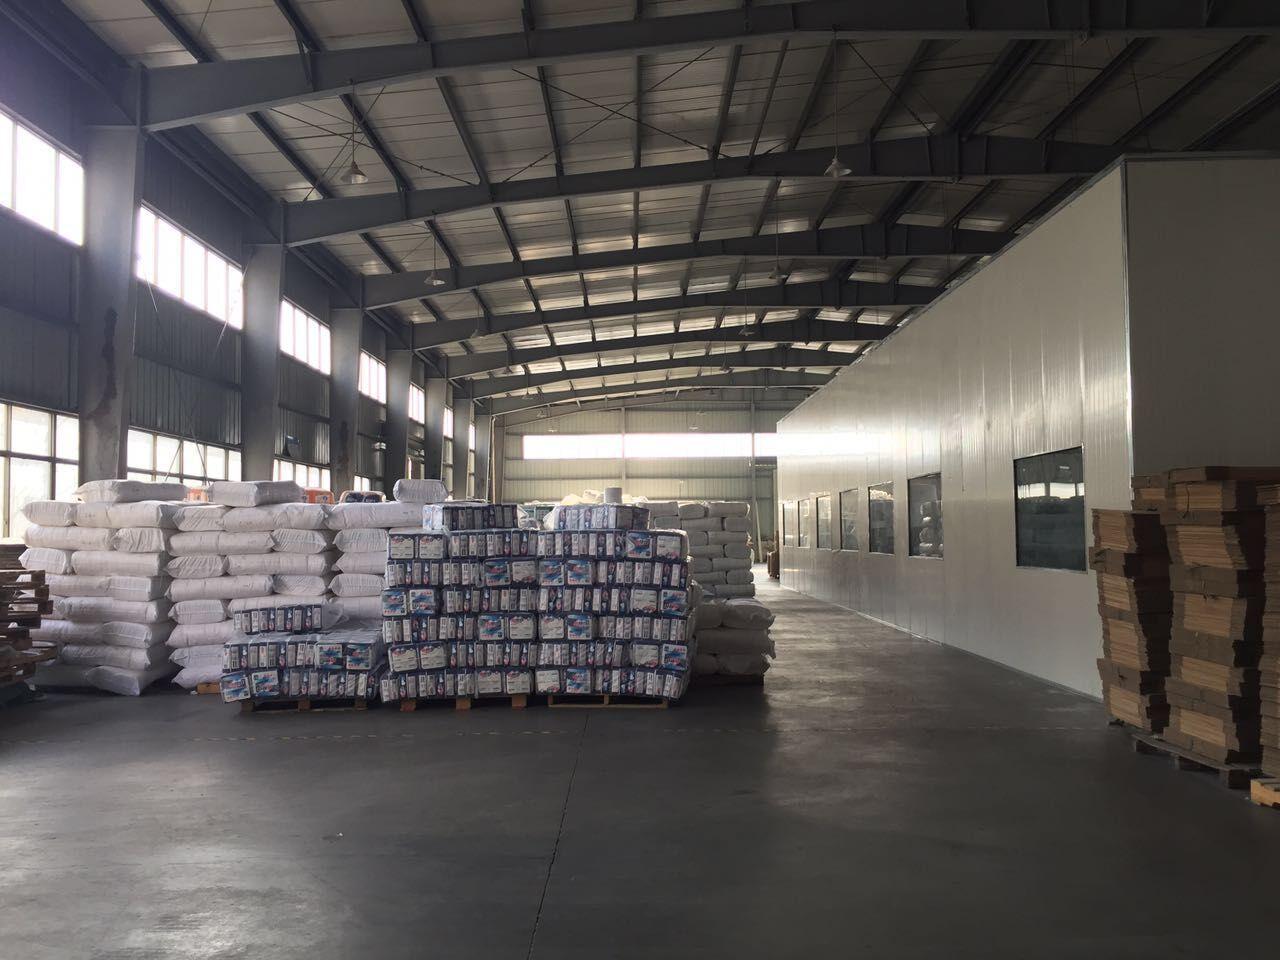 浙江成人纸尿裤价格,浙江成人纸尿裤供应商,浙江成人纸尿裤公司